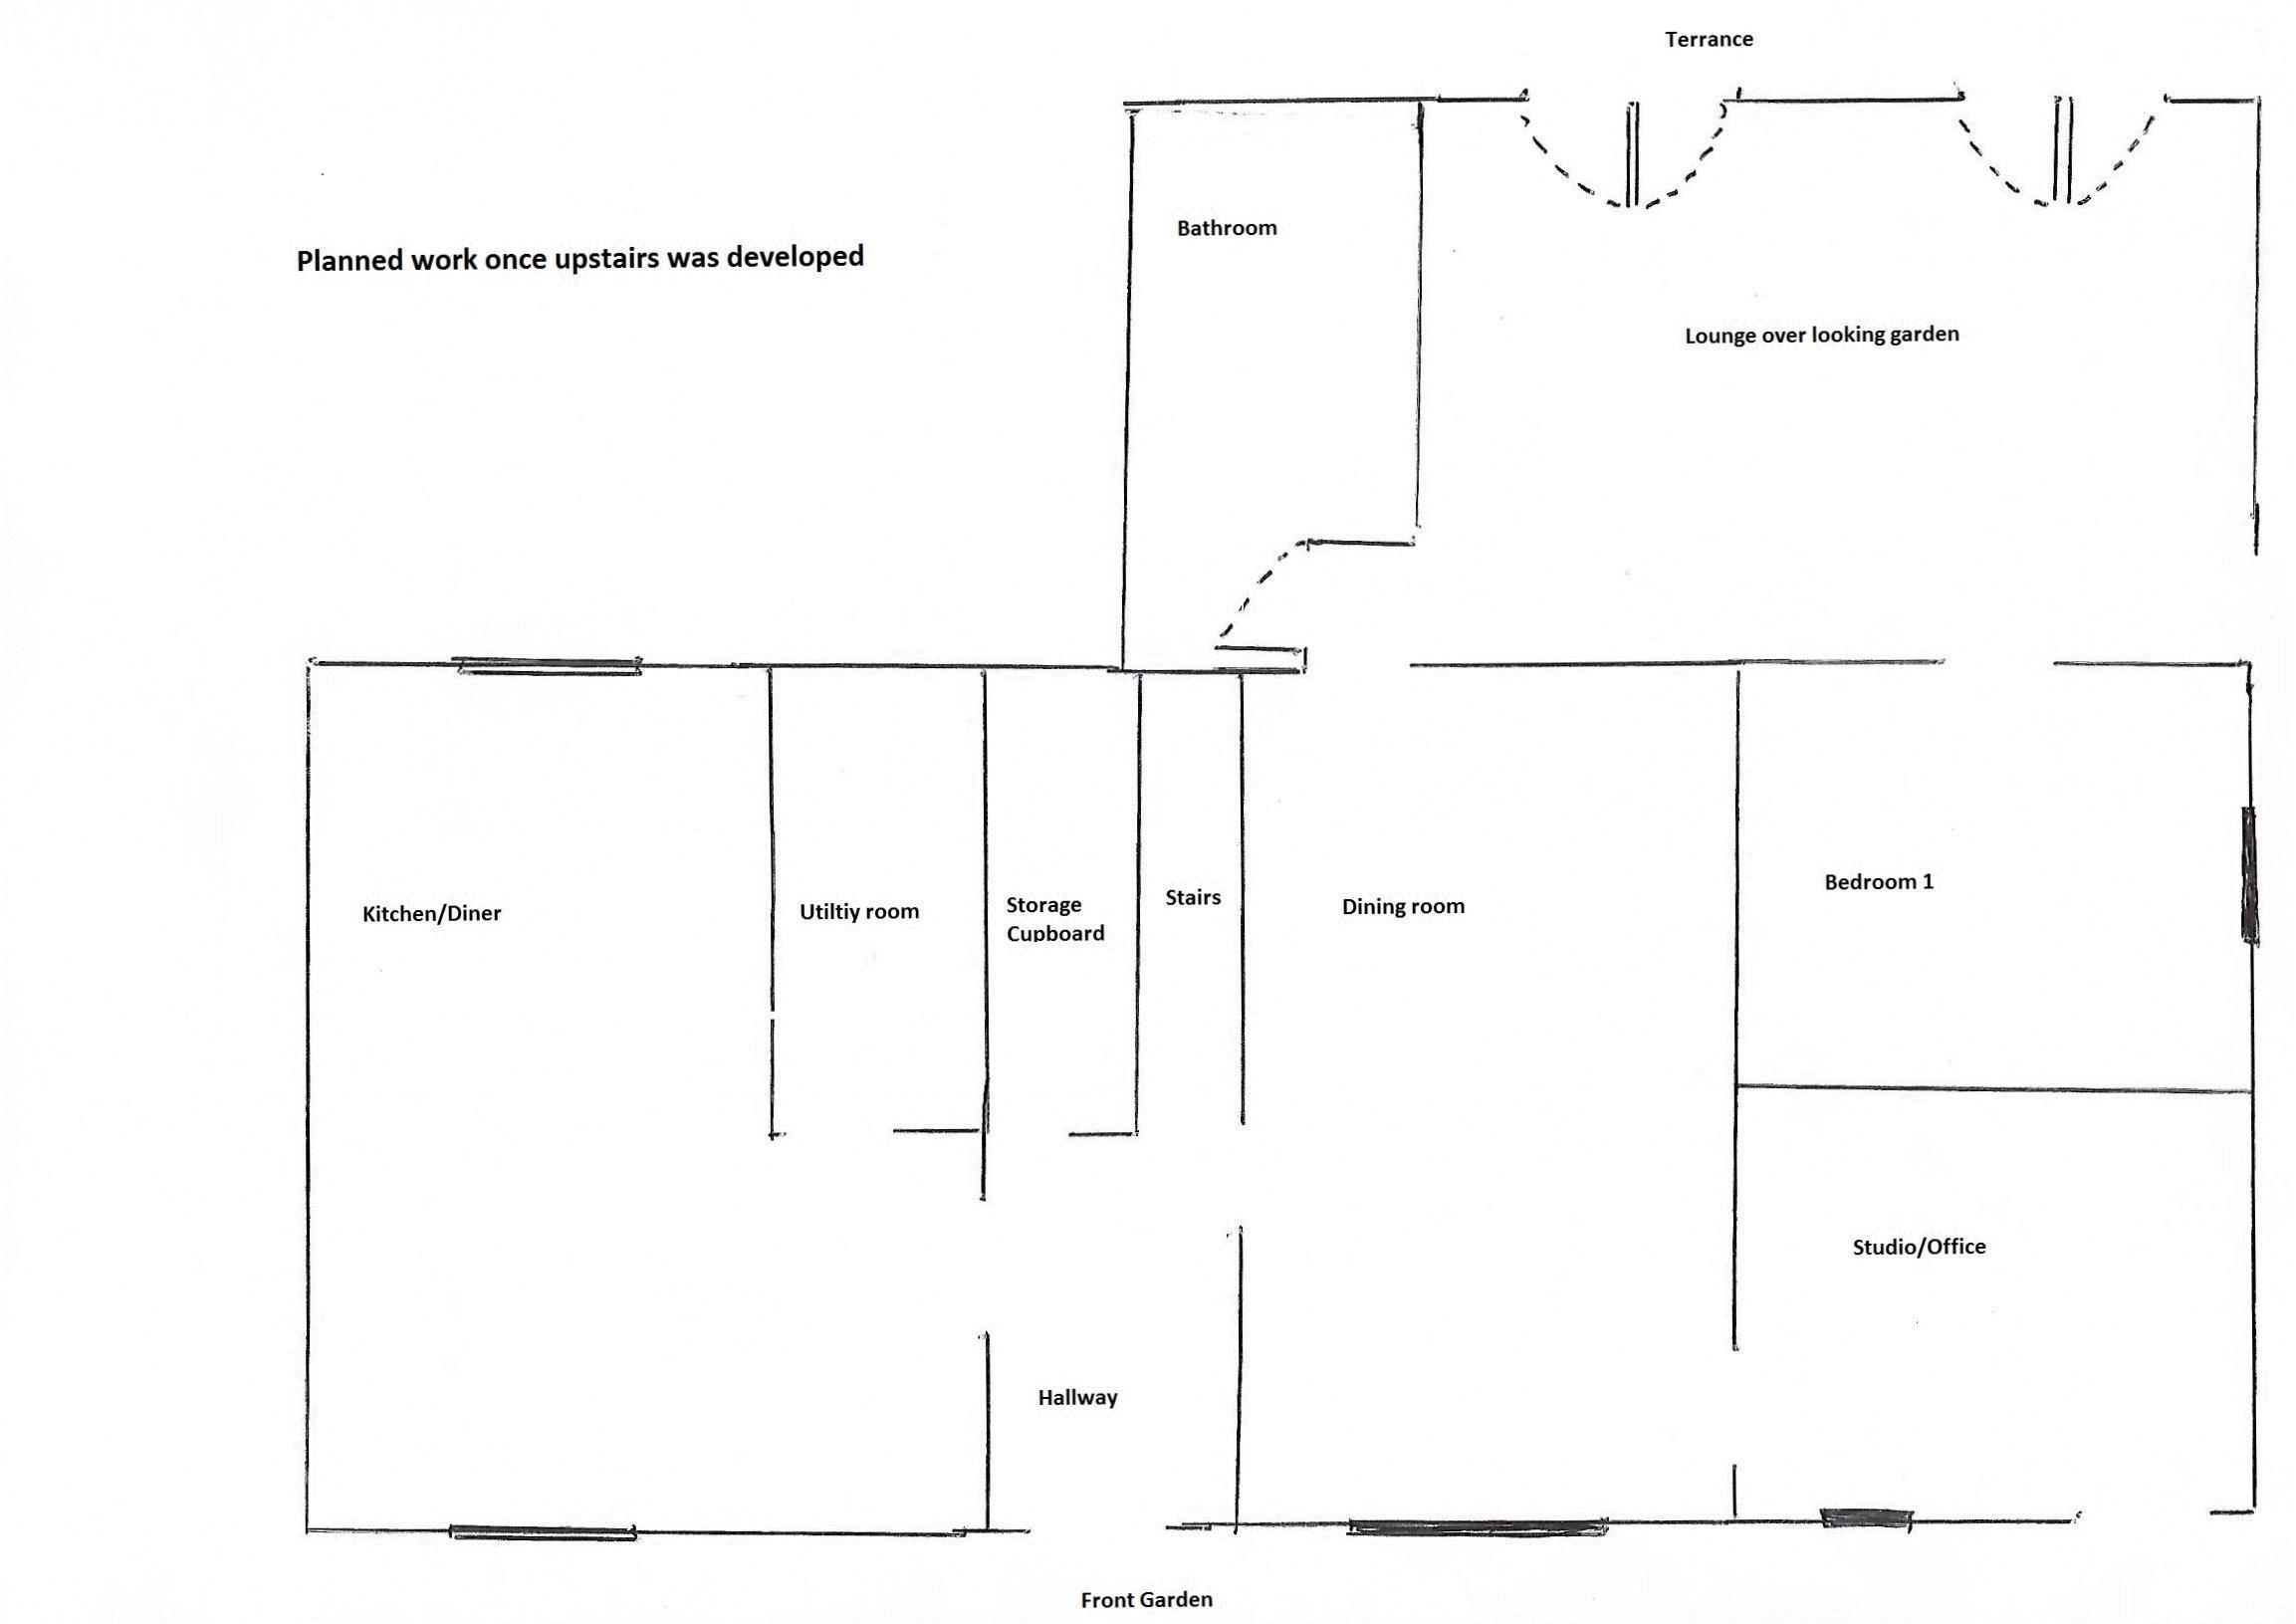 Intended floorplan after final works